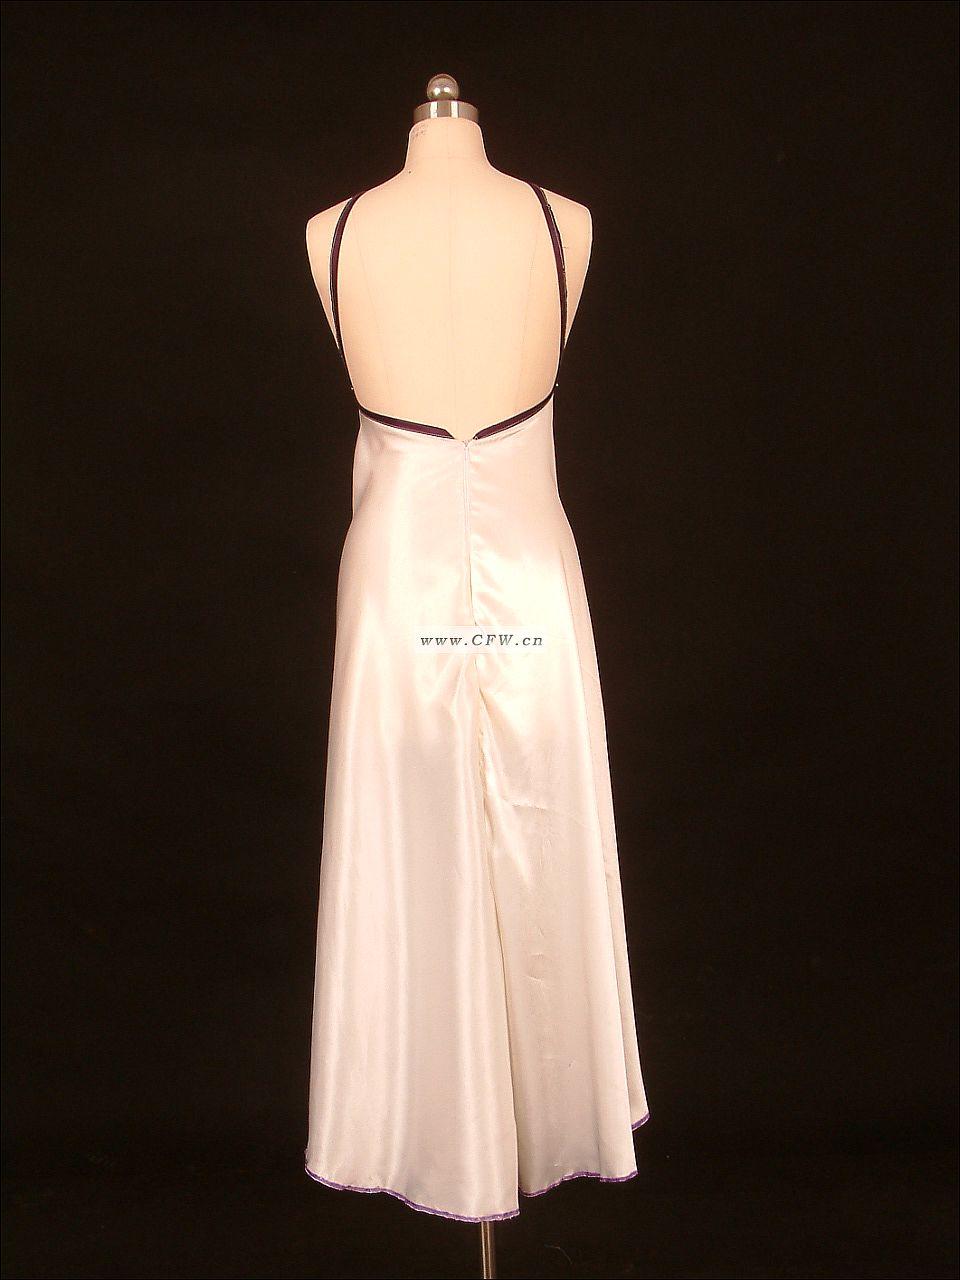 成衣礼服作品-成衣礼服款式图